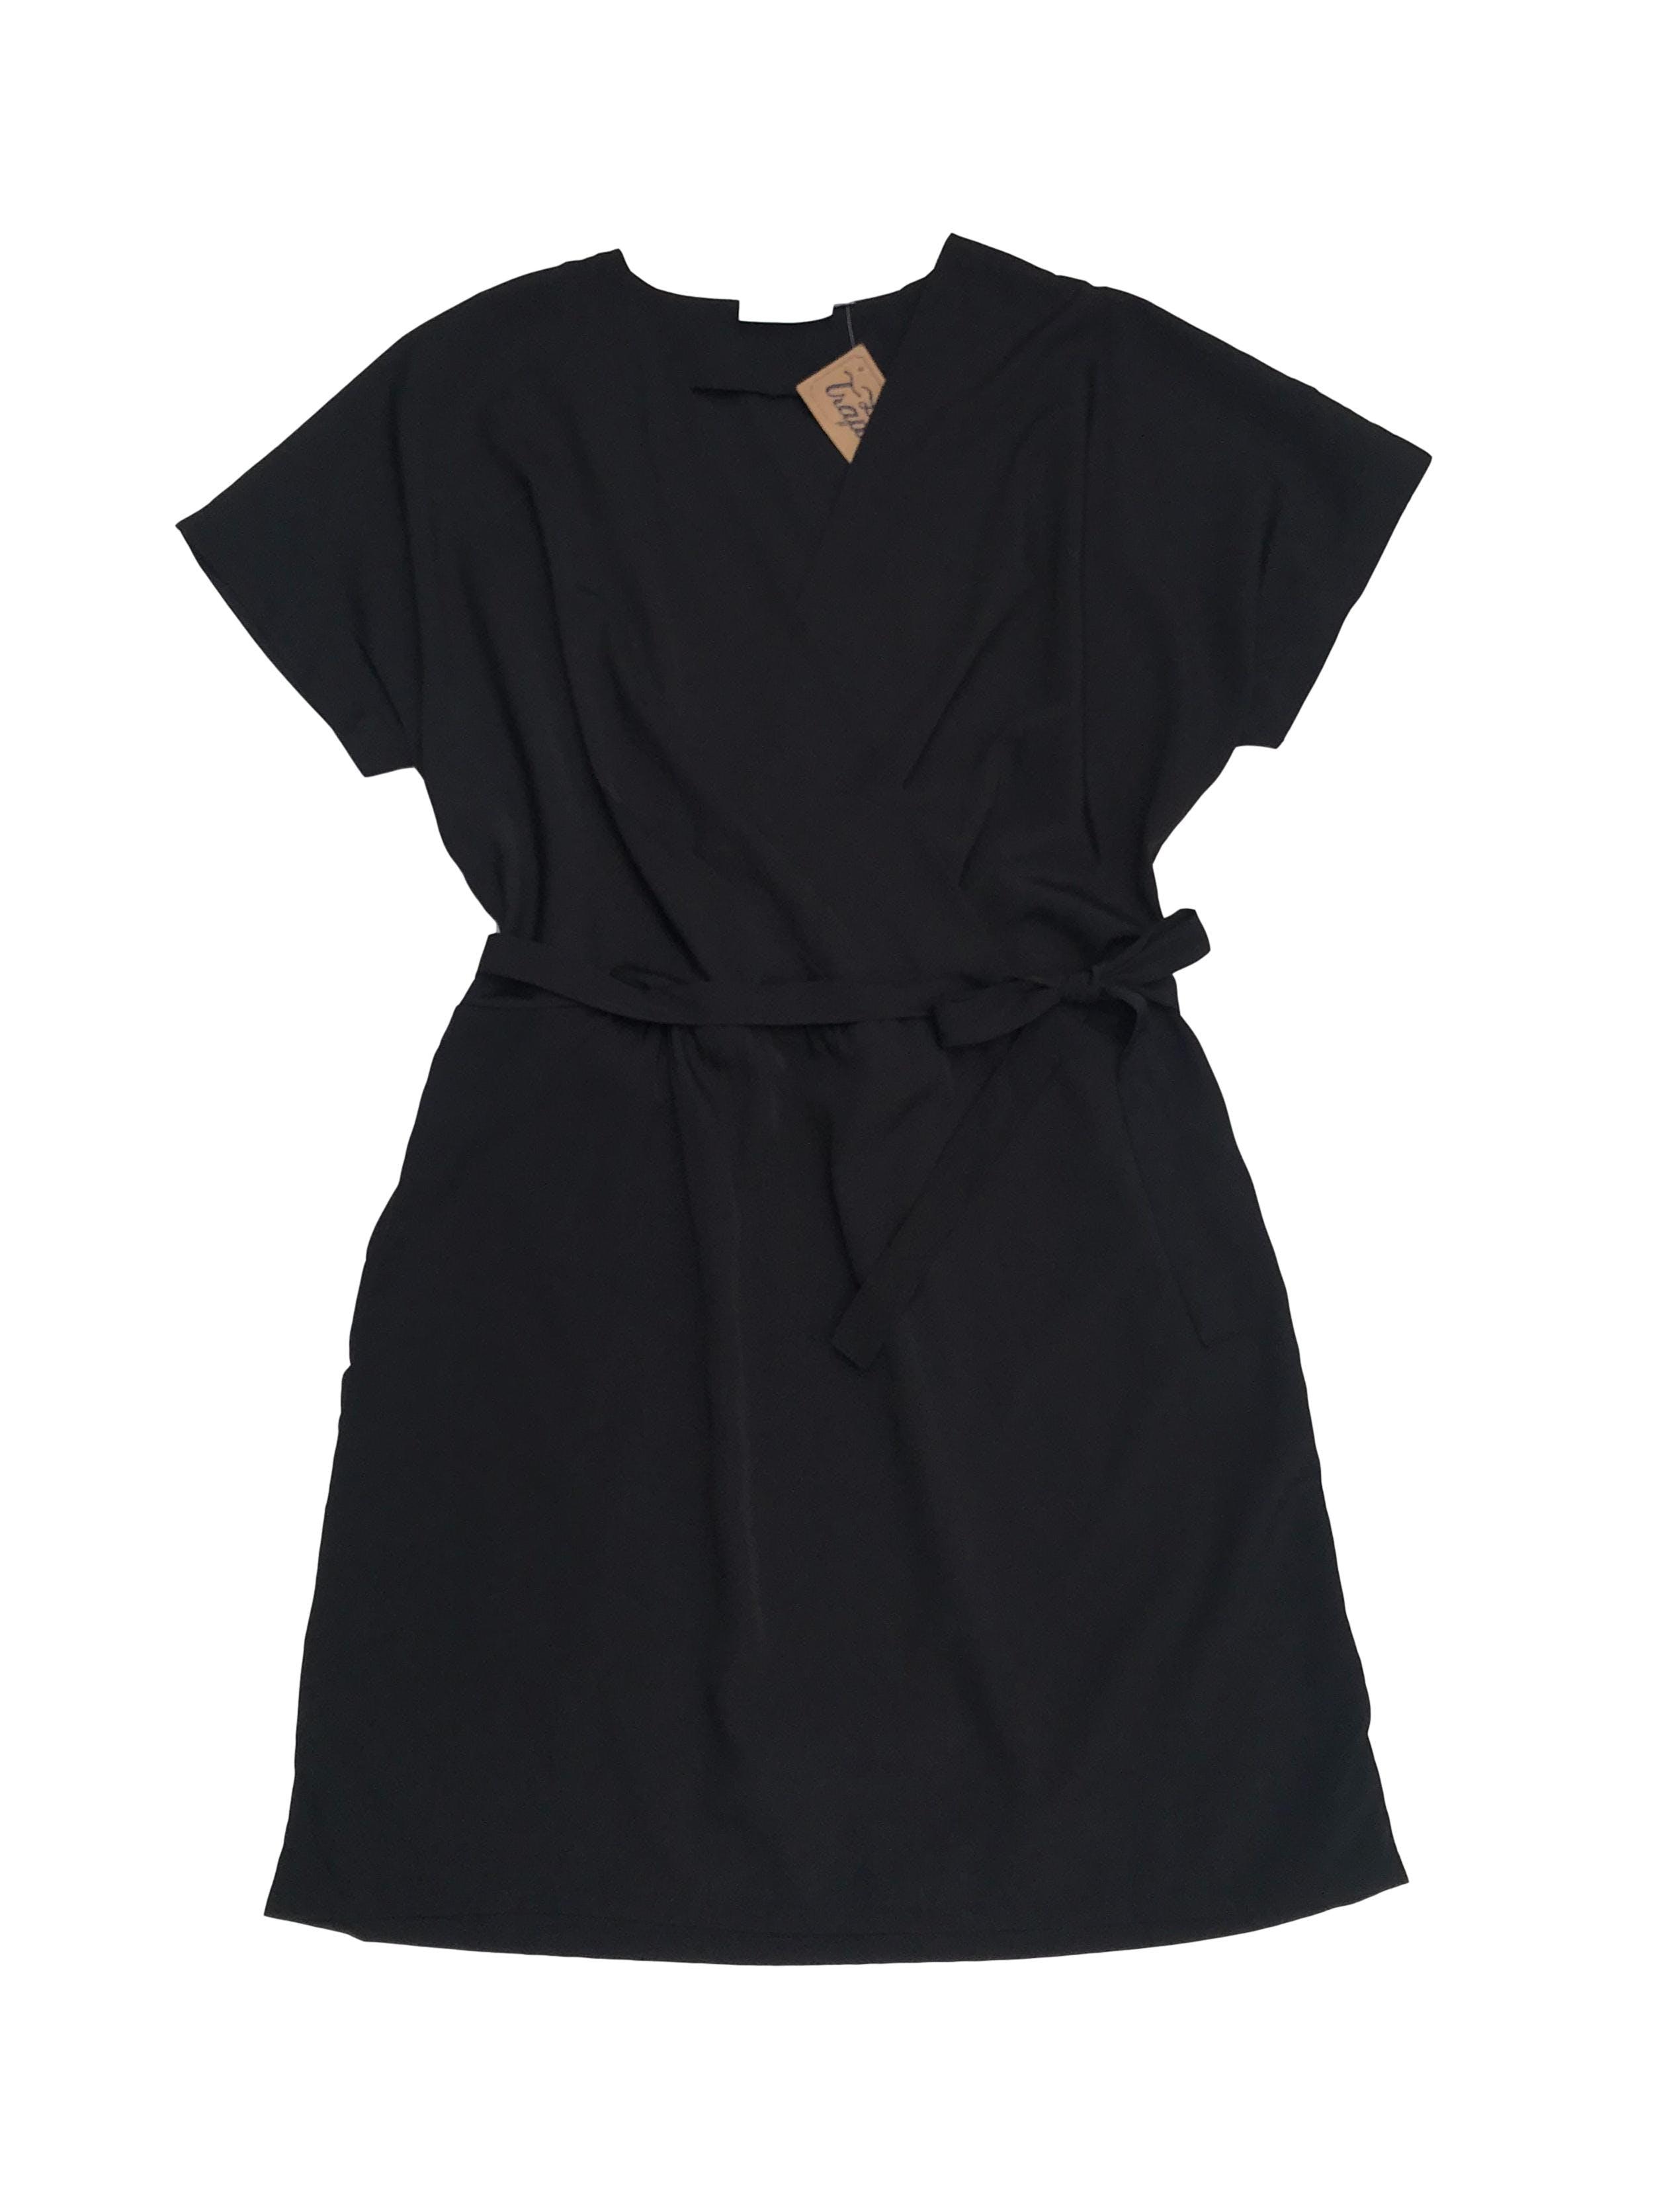 Vestido RD Style de tela plana negra con delantero cruzado y cinto para amarrar. Largo 80cm